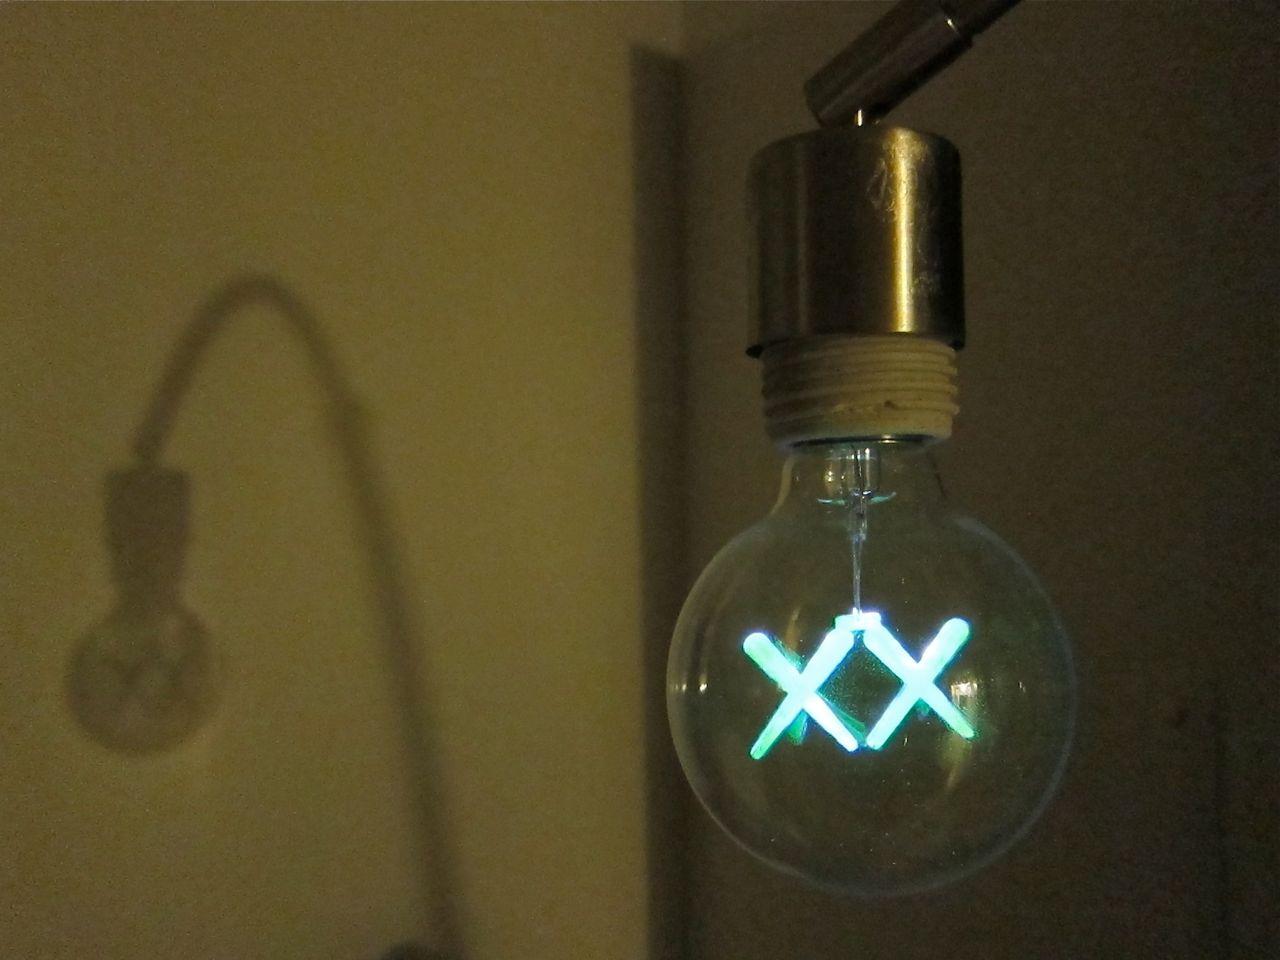 AM KAWS Standard Light Bulbs 12